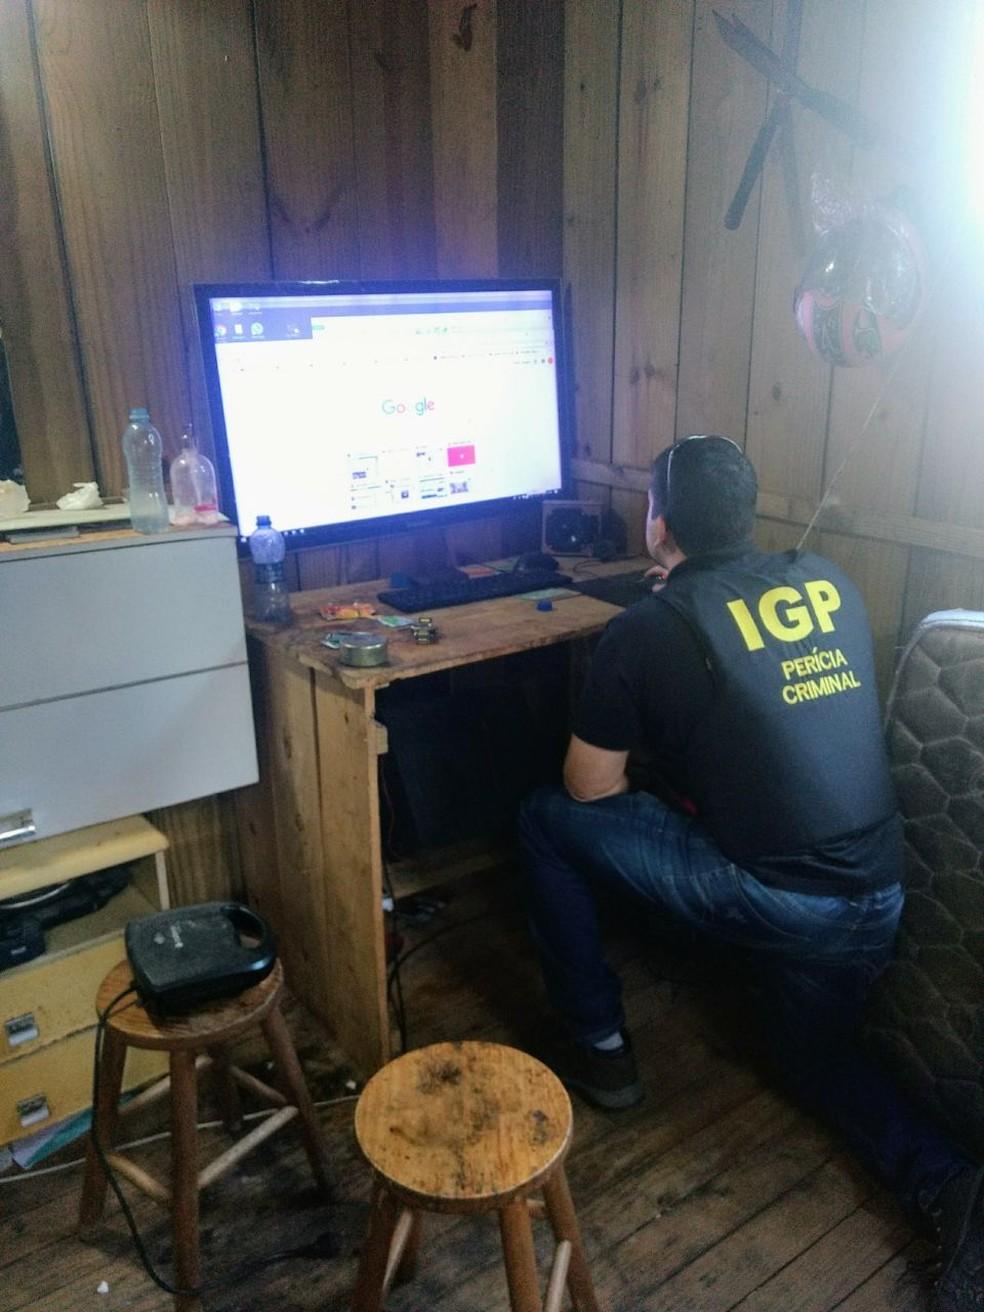 Policiais periciaram computadores no cumprimento de mandados em SC (Foto: Polícia Civil/Divulgação)